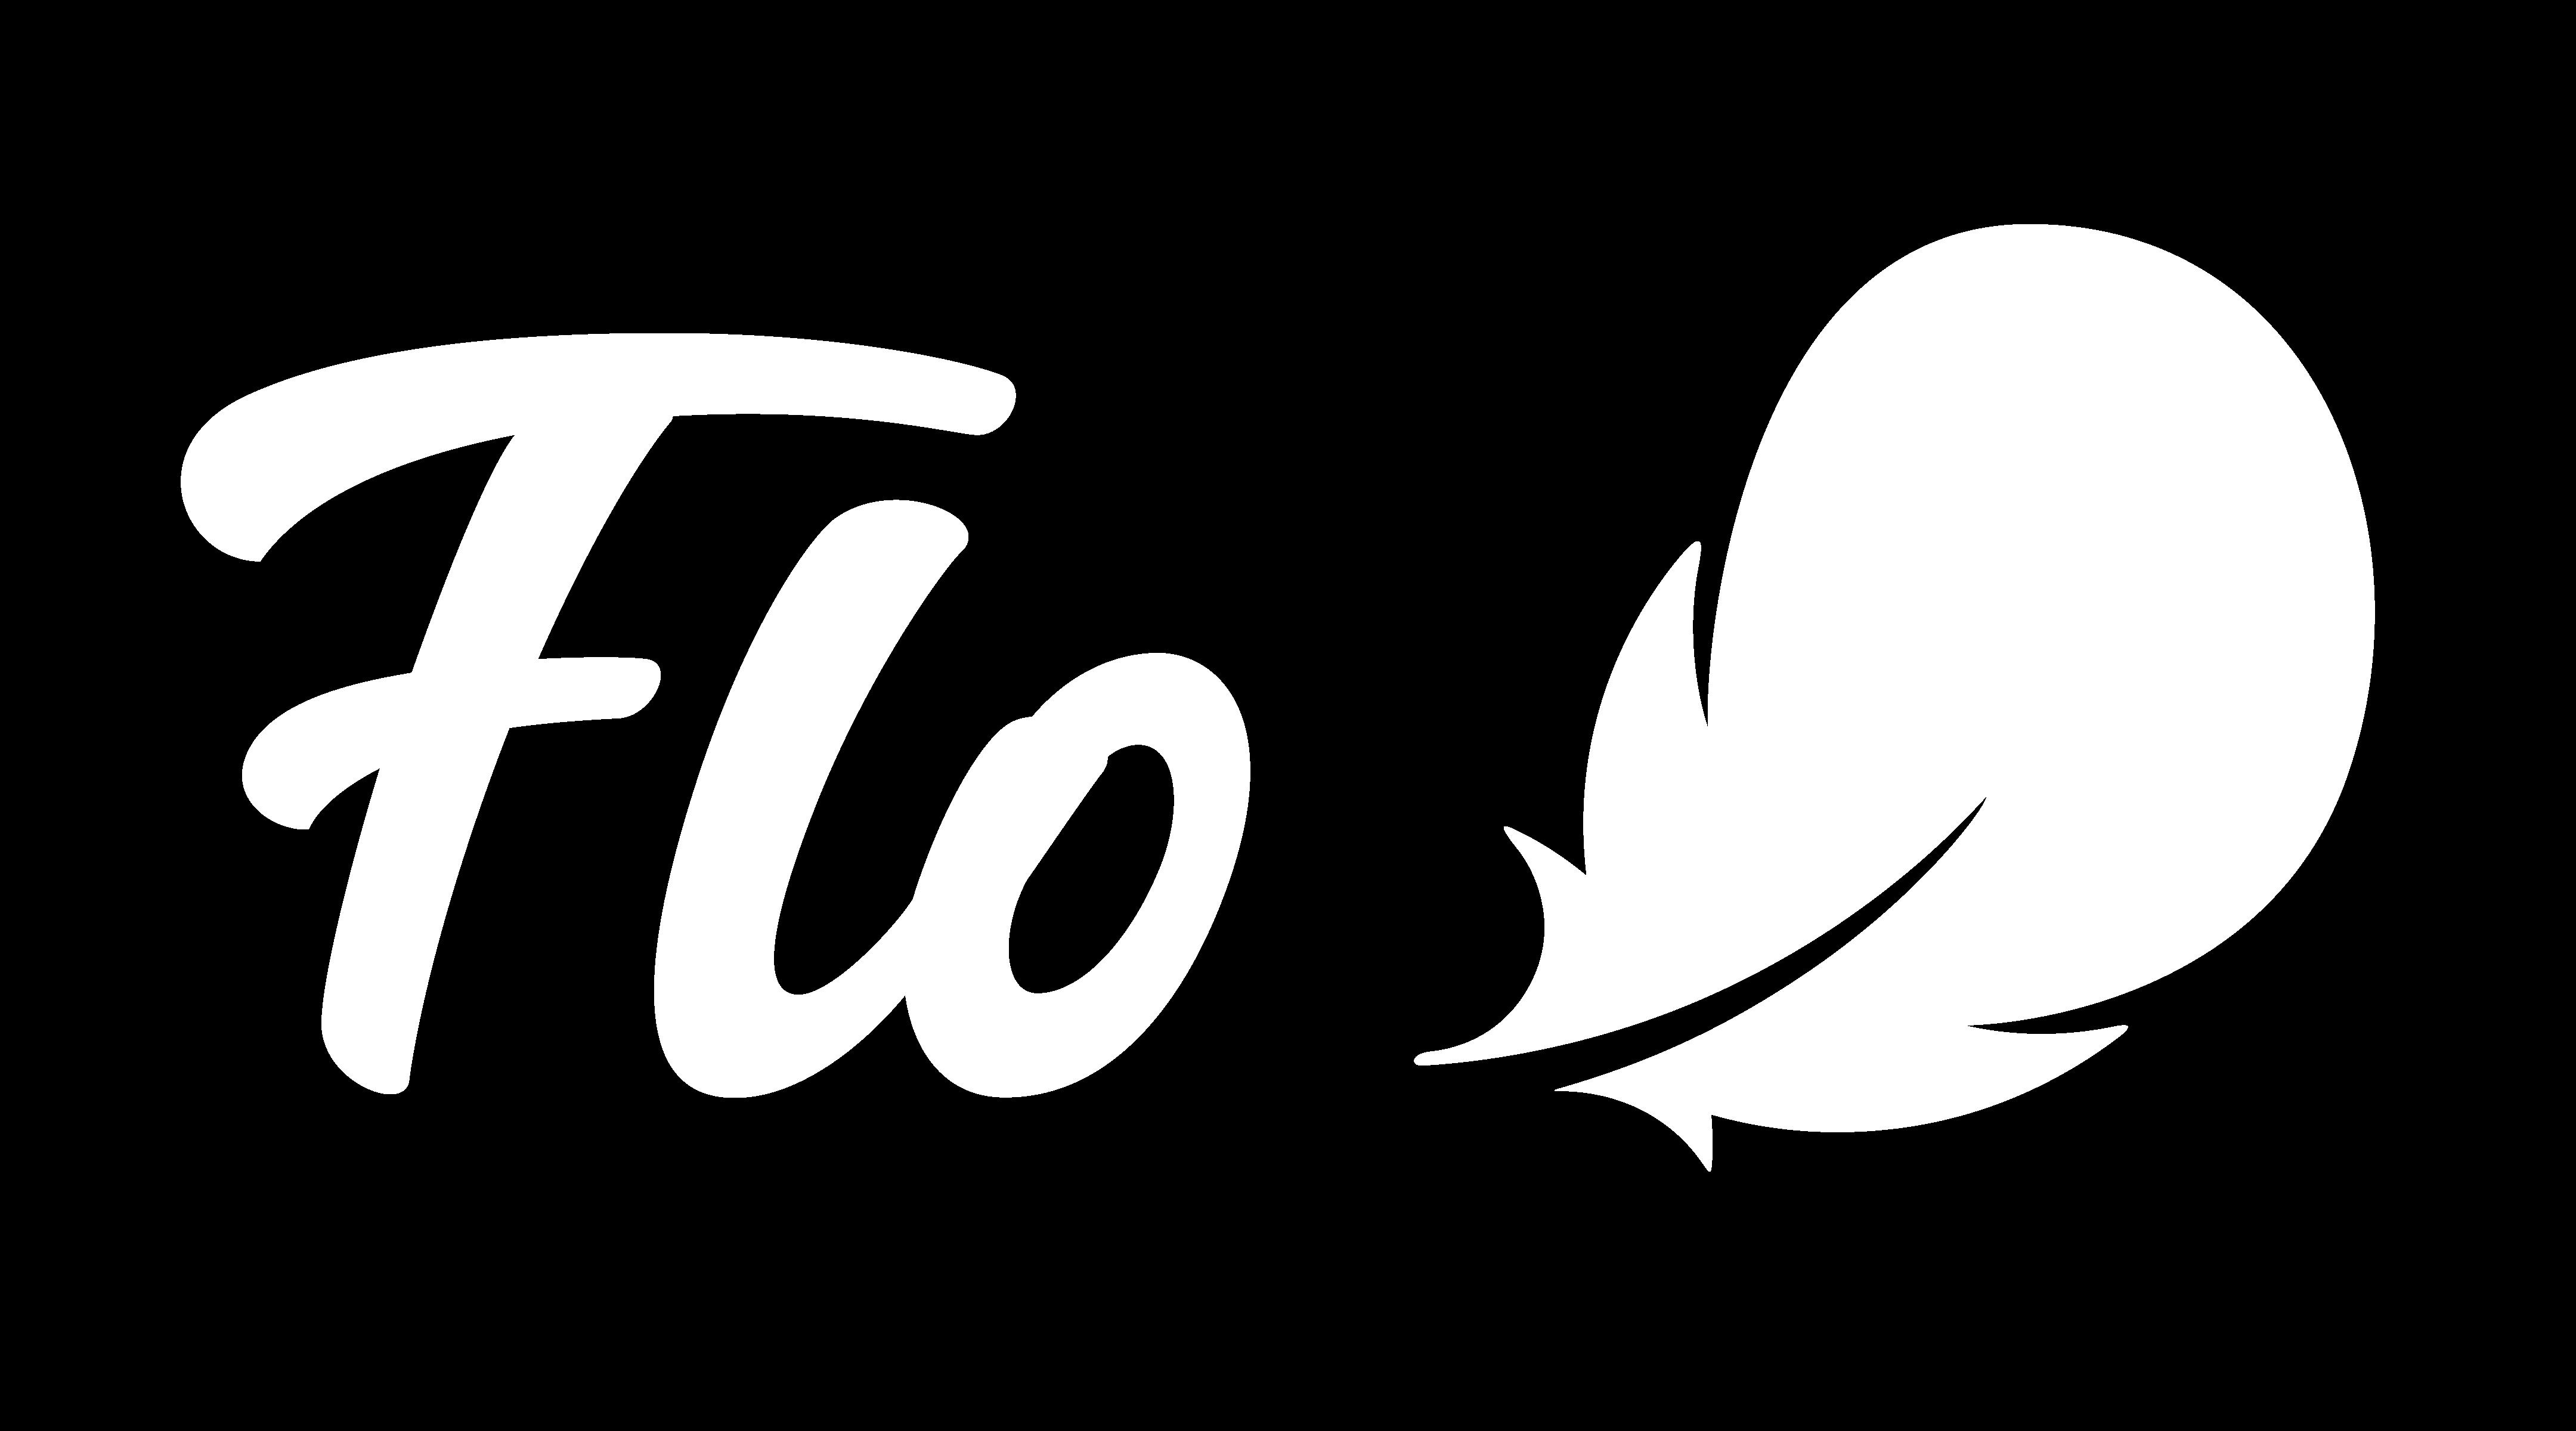 Flo 로고